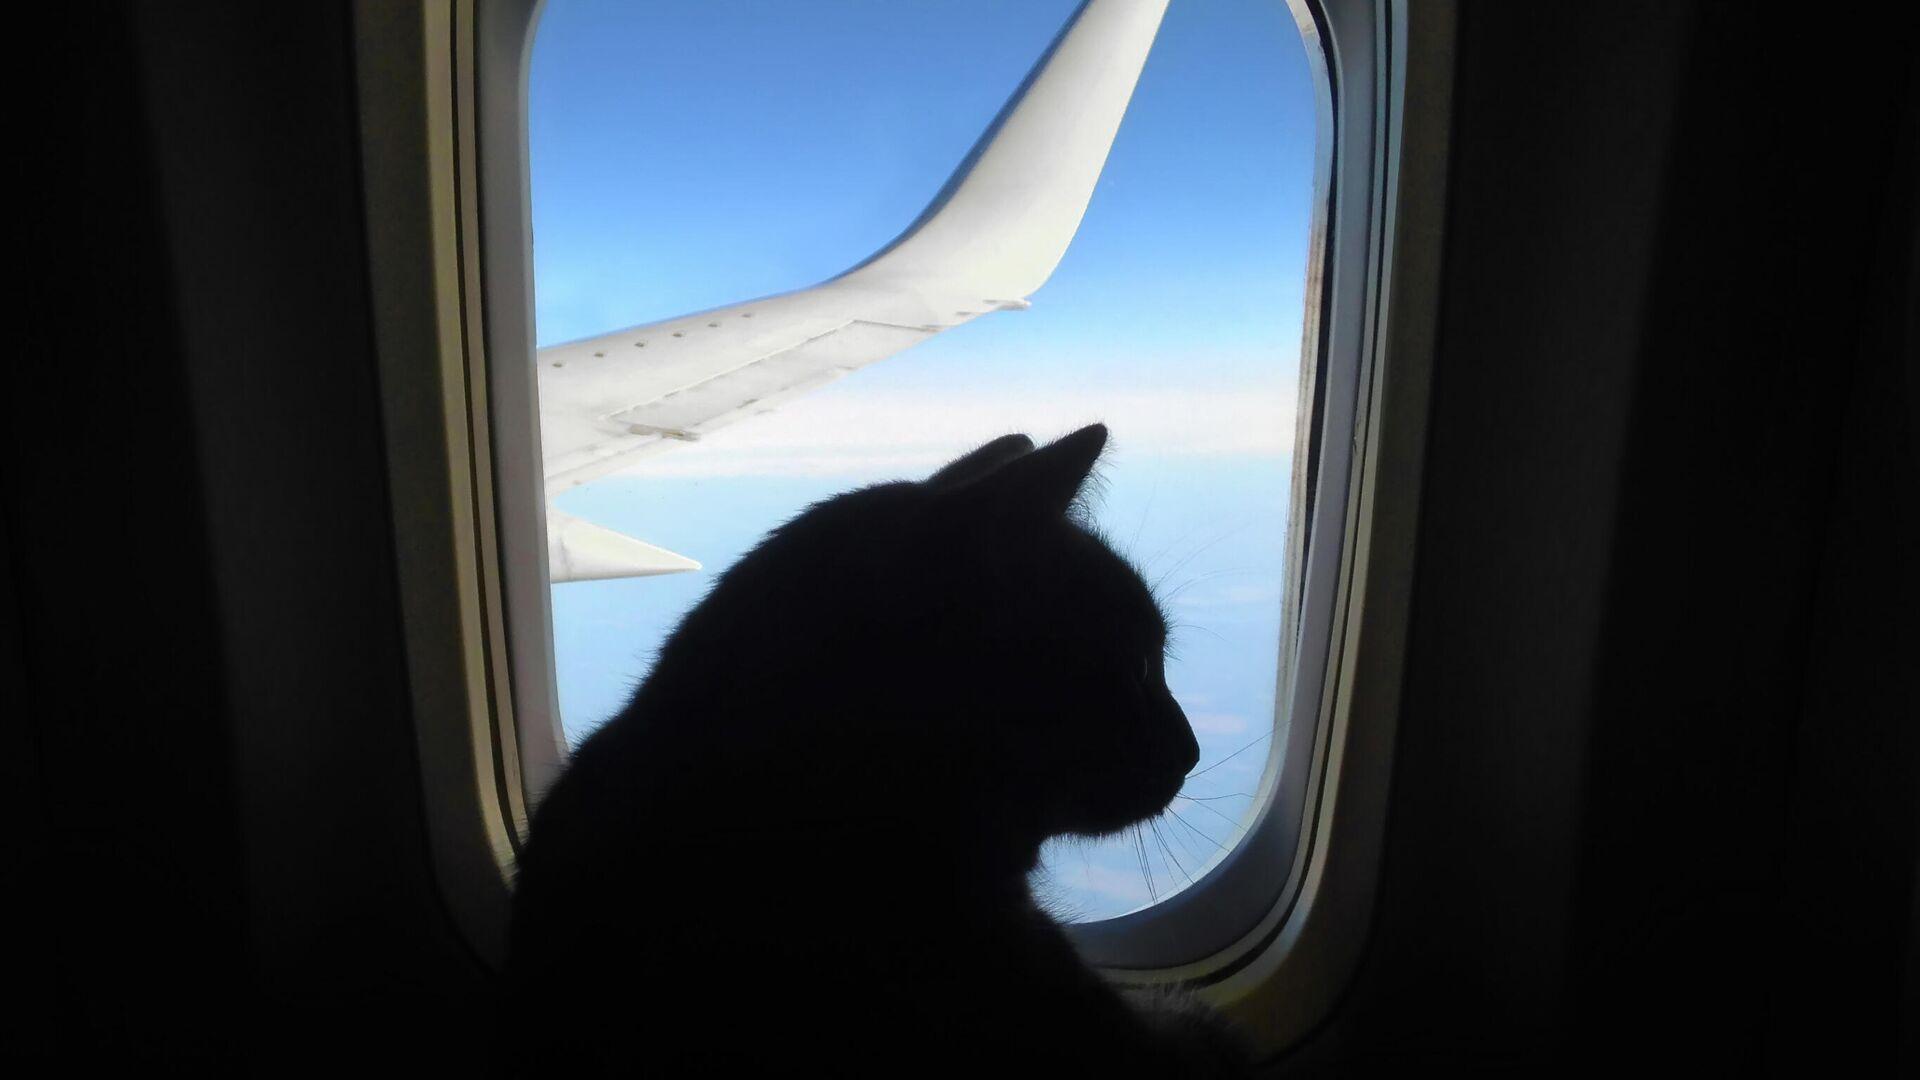 Кошка в самолете - РИА Новости, 1920, 22.09.2021